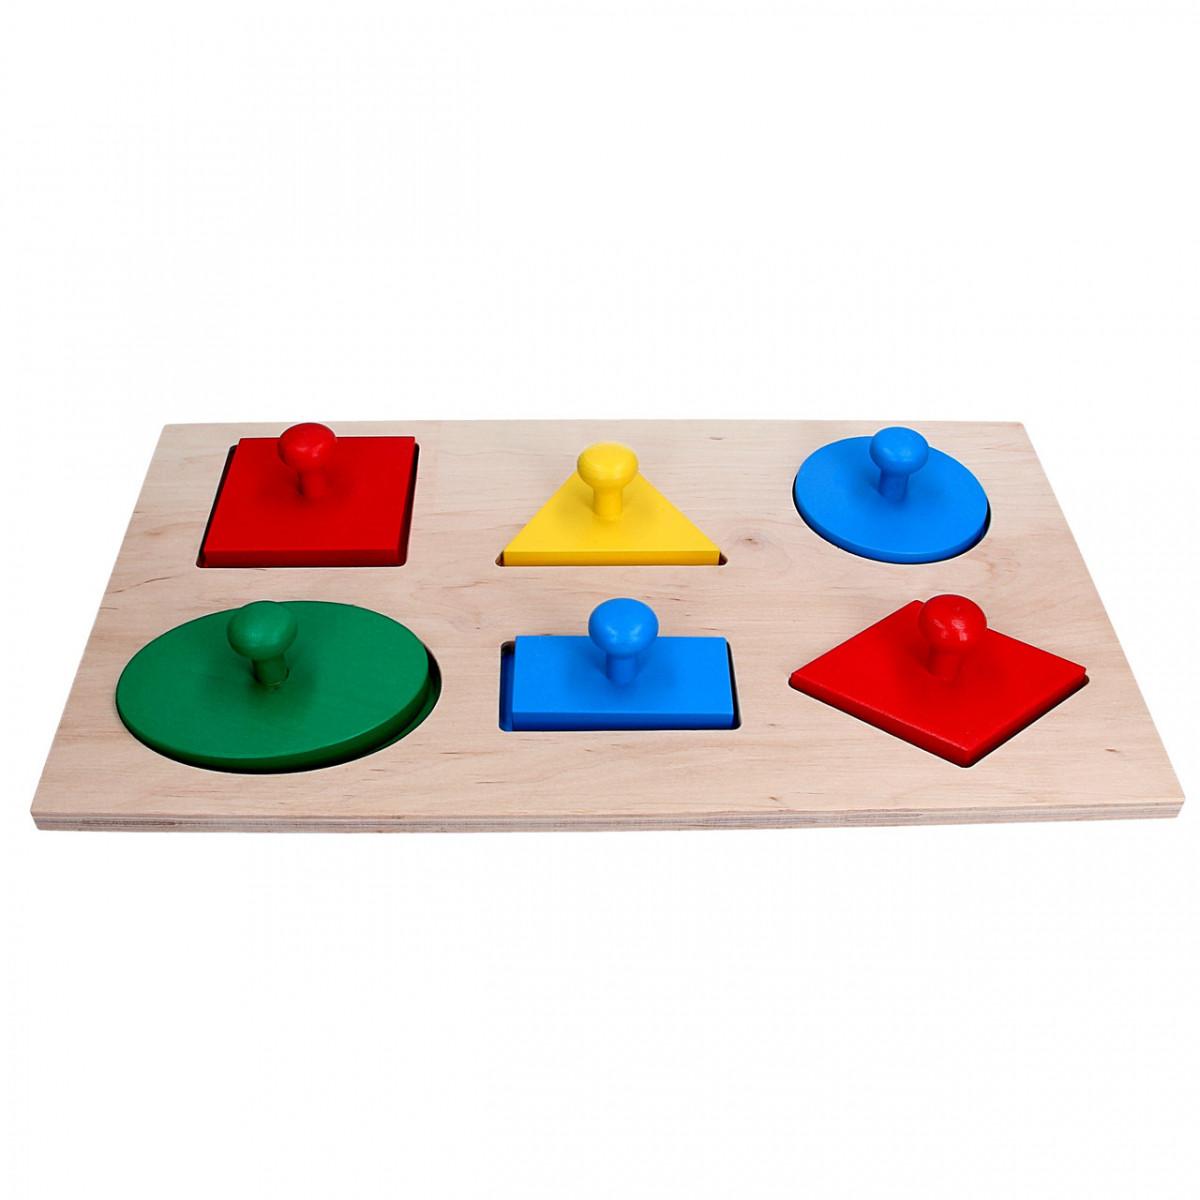 Дерев'яна рамка-вкладиш Геометричні фігури Максі, Komarovtoys (А 328)